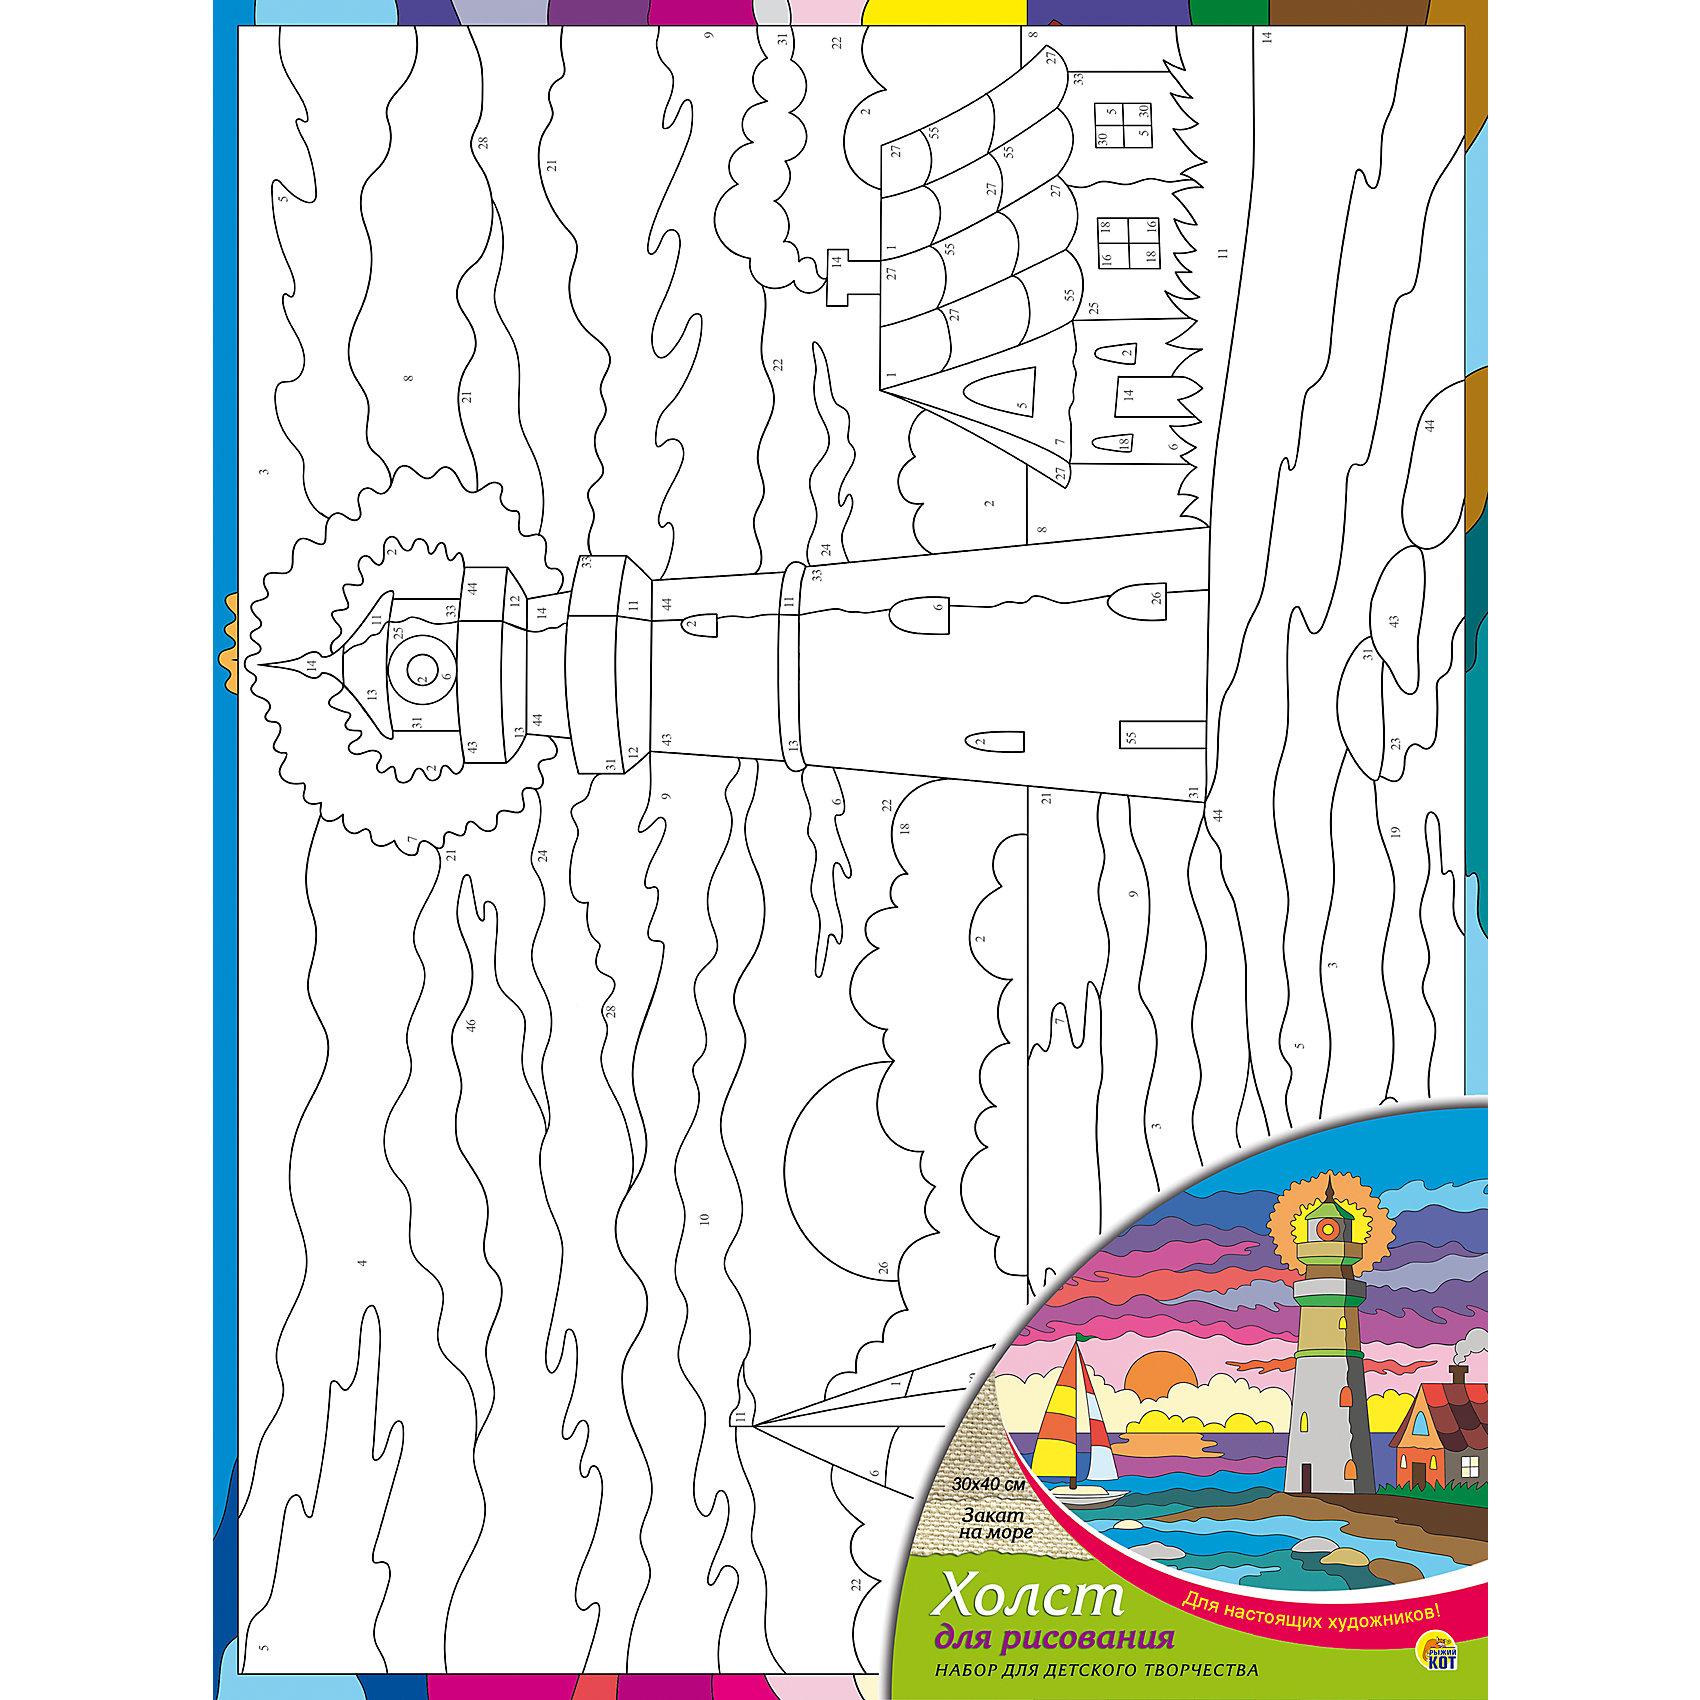 Холст с красками по номерам Закат на море 30х40 смзамечательные наборы для создания уникального шедевра изобразительного искусства. Создание картин на специально подготовленной рабочей поверхности – это уникальная техника, позволяющая делать Ваши шедевры более яркими и реалистичными. Просто нанесите мазки на уже готовый эскиз и оживите картину! Готовые изделия могут стать украшением интерьера или прекрасным подарком близким и друзьям.<br><br>Ширина мм: 300<br>Глубина мм: 400<br>Высота мм: 15<br>Вес г: 367<br>Возраст от месяцев: 36<br>Возраст до месяцев: 108<br>Пол: Унисекс<br>Возраст: Детский<br>SKU: 5096746